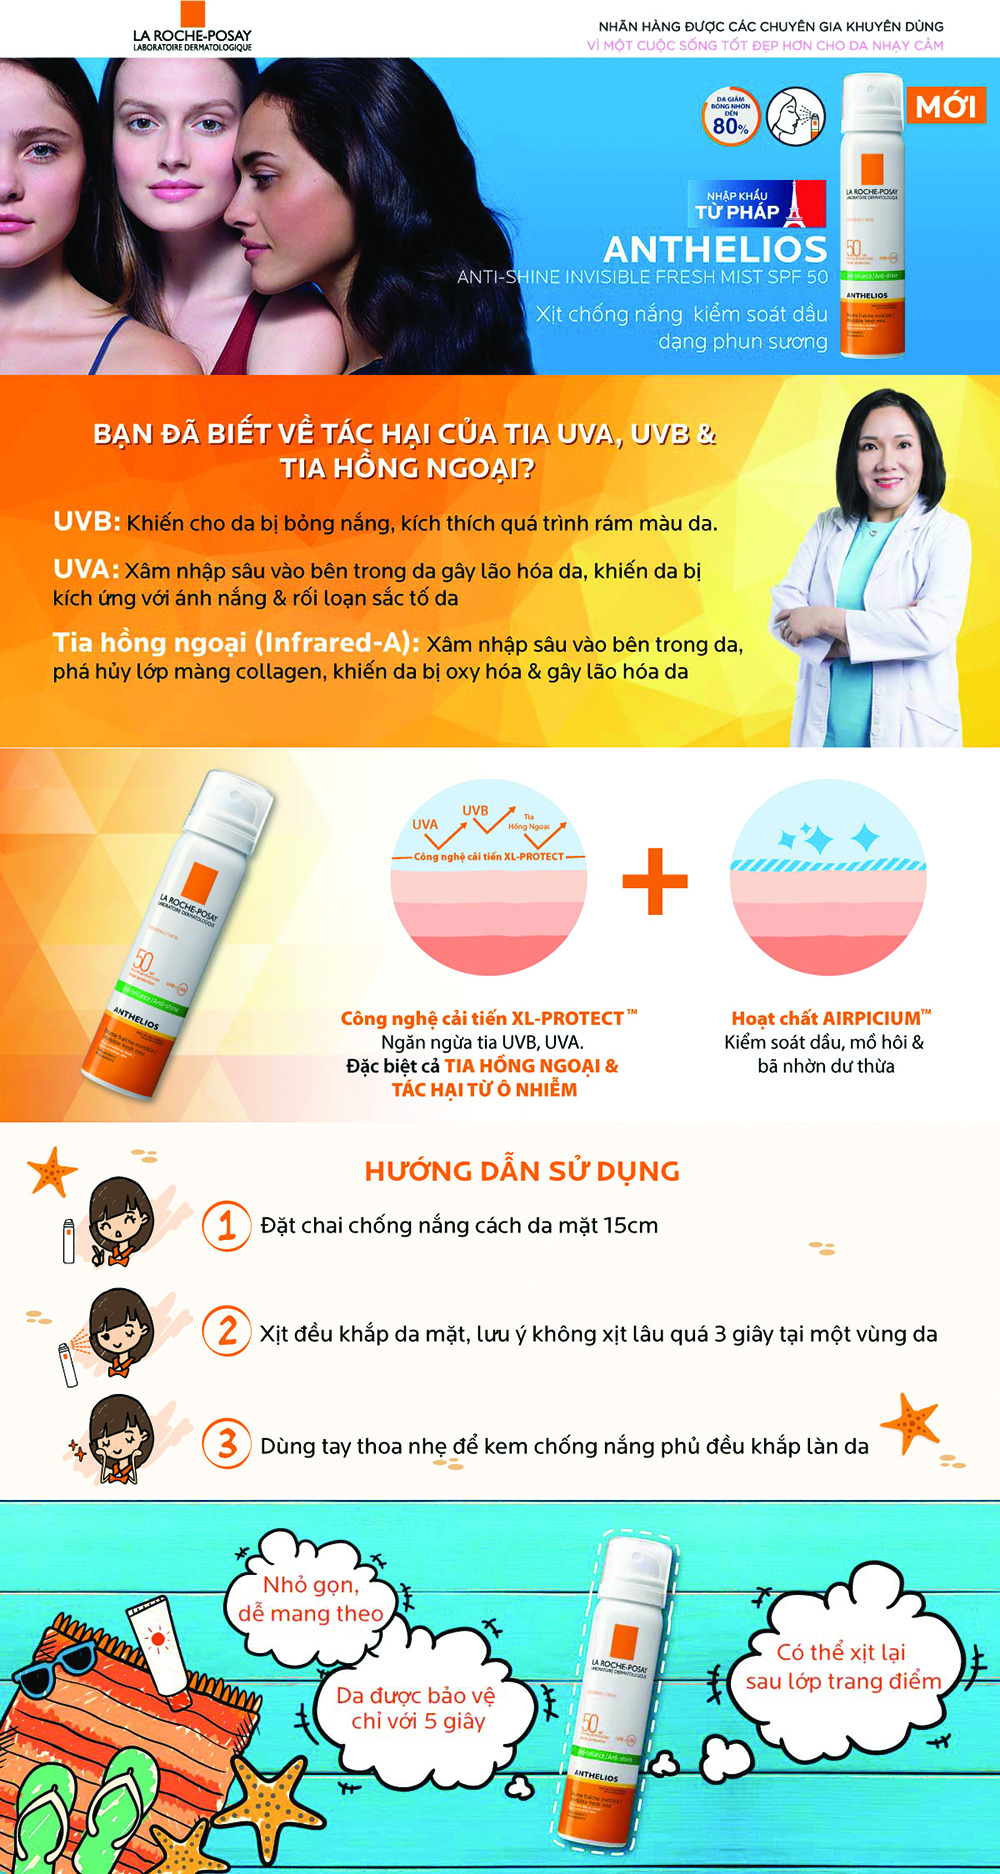 Xịt Chống Nắng, Giúp Kiểm Soát Bóng Nhờn Và Bảo Vệ Da La Roche-Posay Anthelios Anti-Shine Invisible Fresh Mist SPF50 UVB + UVA Sun-Sensitive Skin 75ml - M9165700